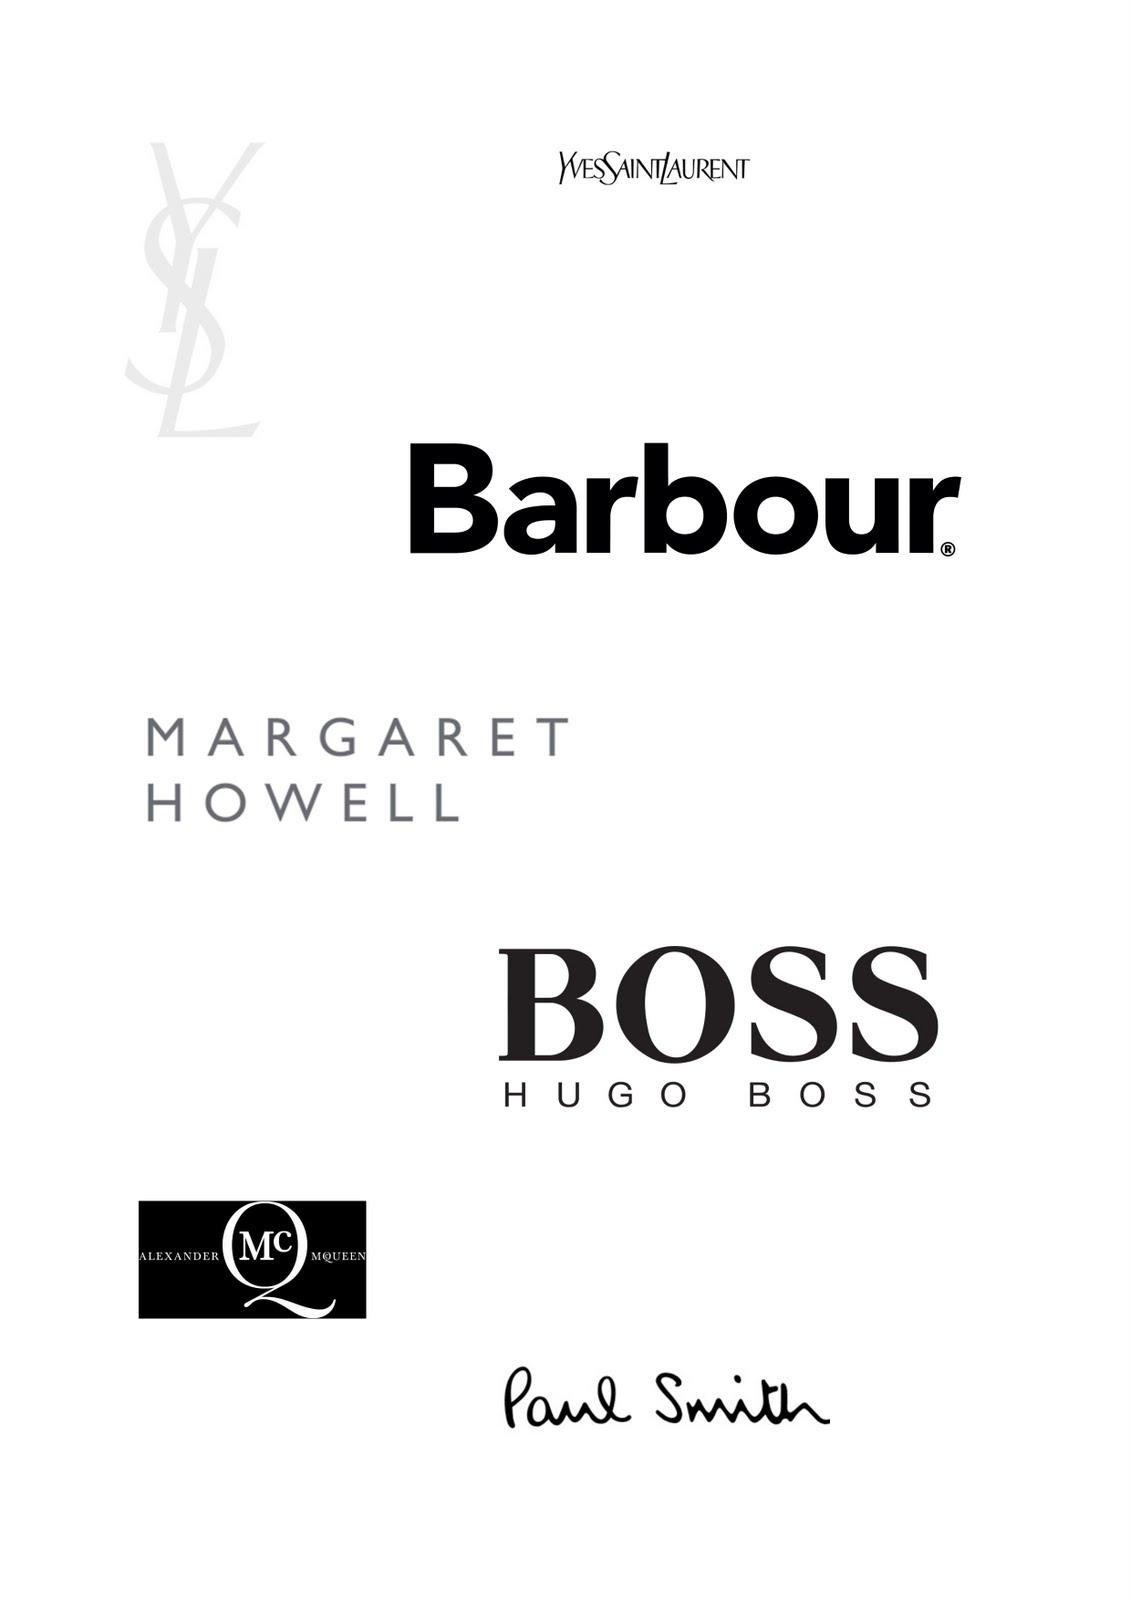 seminal ephemera high end fashion logos